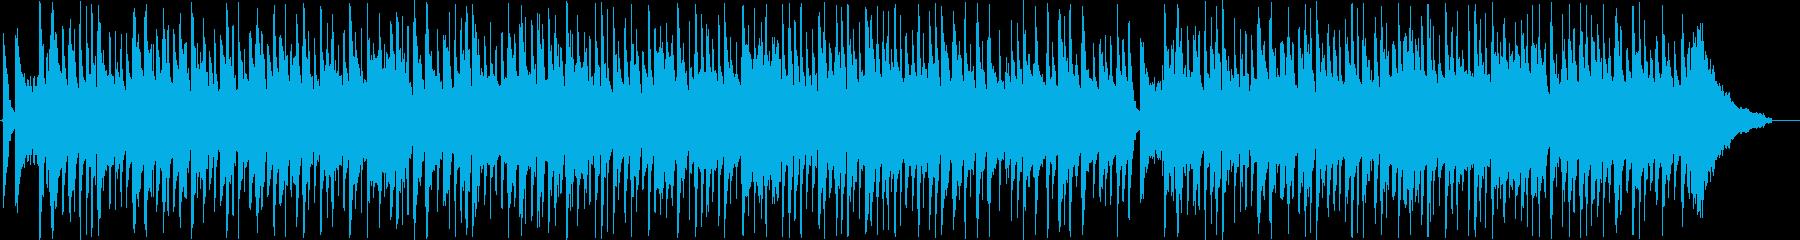 トロピカルなシンセ・打楽器などのサウンドの再生済みの波形